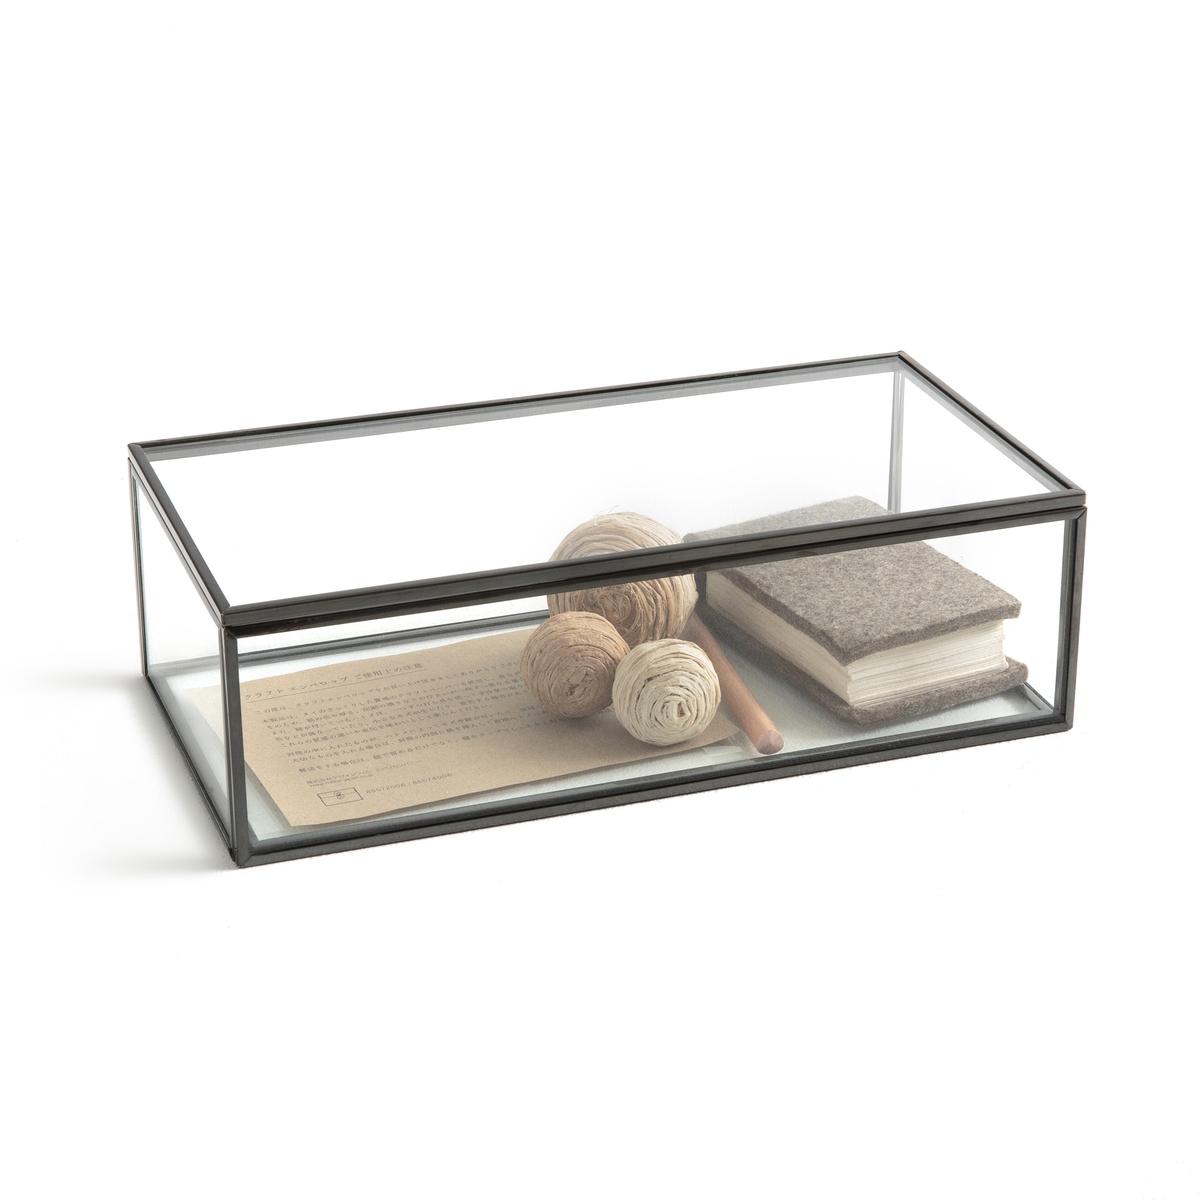 Коробка-витрина, Ш30 x В9 x Г15 см, DigoriКоробка Digori. Коробка для хранения и демонстрации украшений, драгоценностей и других ценных предметов.Характеристики:- Из стекла и металла под латунь или оружейную сталь.- Очень качественная отделка.Размеры :- Ш30 x В9 x Г15 см- Толщина стекла: 0,4 мм<br><br>Цвет: латунь,темно-серый металл